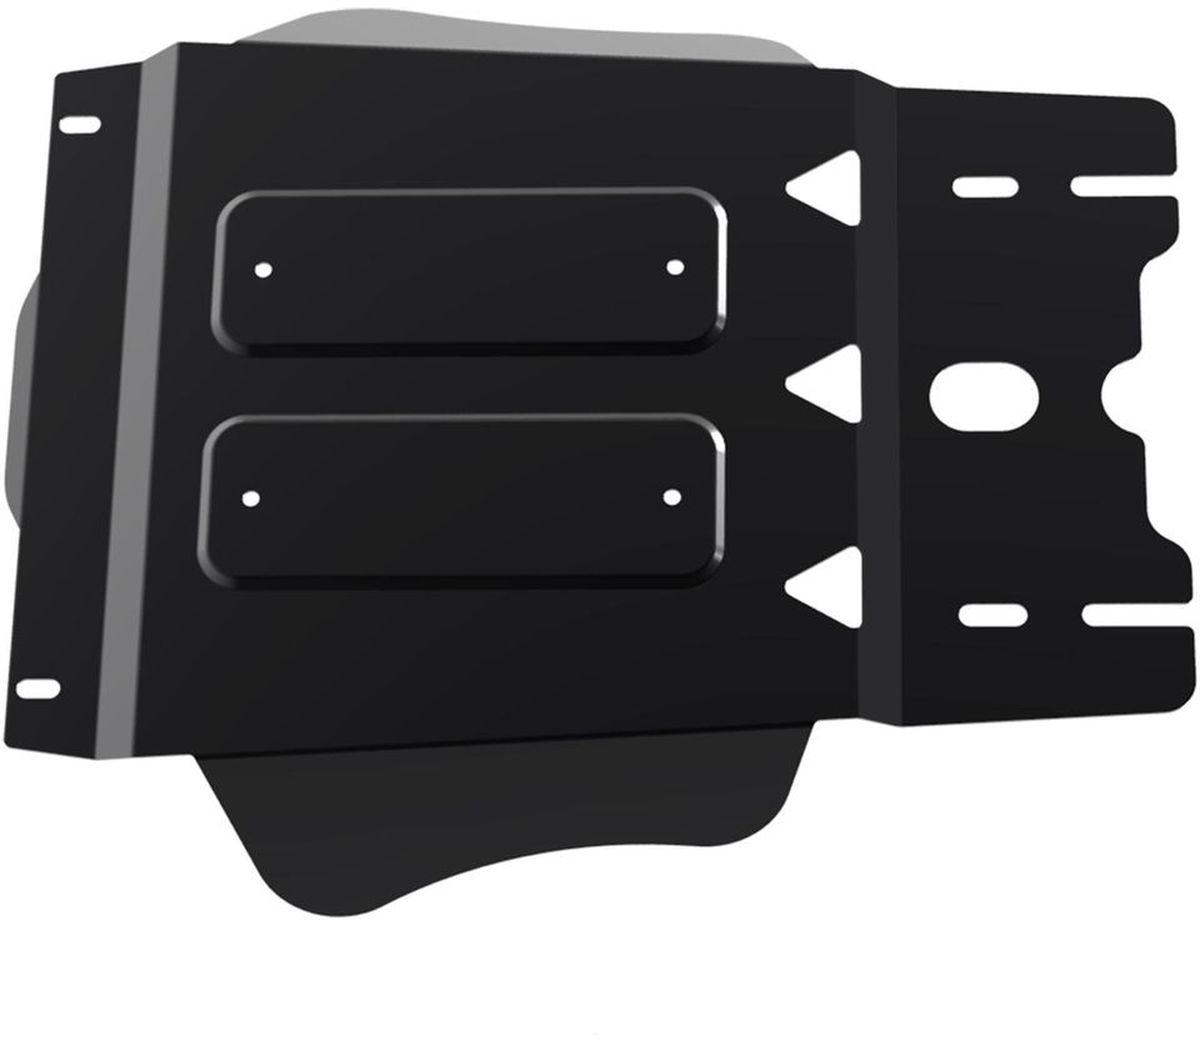 Защита КПП и РК Автоброня, для Lada 4х4 и, V - все (2001-)111.06020.1Технологически совершенный продукт за невысокую стоимость. Защита разработана с учетом особенностей днища автомобиля, что позволяет сохранить дорожный просвет с минимальным изменением. Защита устанавливается в штатные места кузова автомобиля. Глубокий штамп обеспечивает до двух раз больше жесткости в сравнении с обычной защитой той же толщины. Проштампованные ребра жесткости препятствуют деформации защиты при ударах. Тепловой зазор и вентиляционные отверстия обеспечивают сохранение температурного режима двигателя в норме. Скрытый крепеж предотвращает срыв крепежных элементов при наезде на препятствие. Шумопоглощающие резиновые элементы обеспечивают комфортную езду без вибраций и скрежета металла, а съемные лючки для слива масла и замены фильтра - экономию средств и время. Конструкция изделия не влияет на пассивную безопасность автомобиля (при ударе защита не воздействует на деформационные зоны кузова). Со штатным крепежом. В комплекте инструкция по установке....